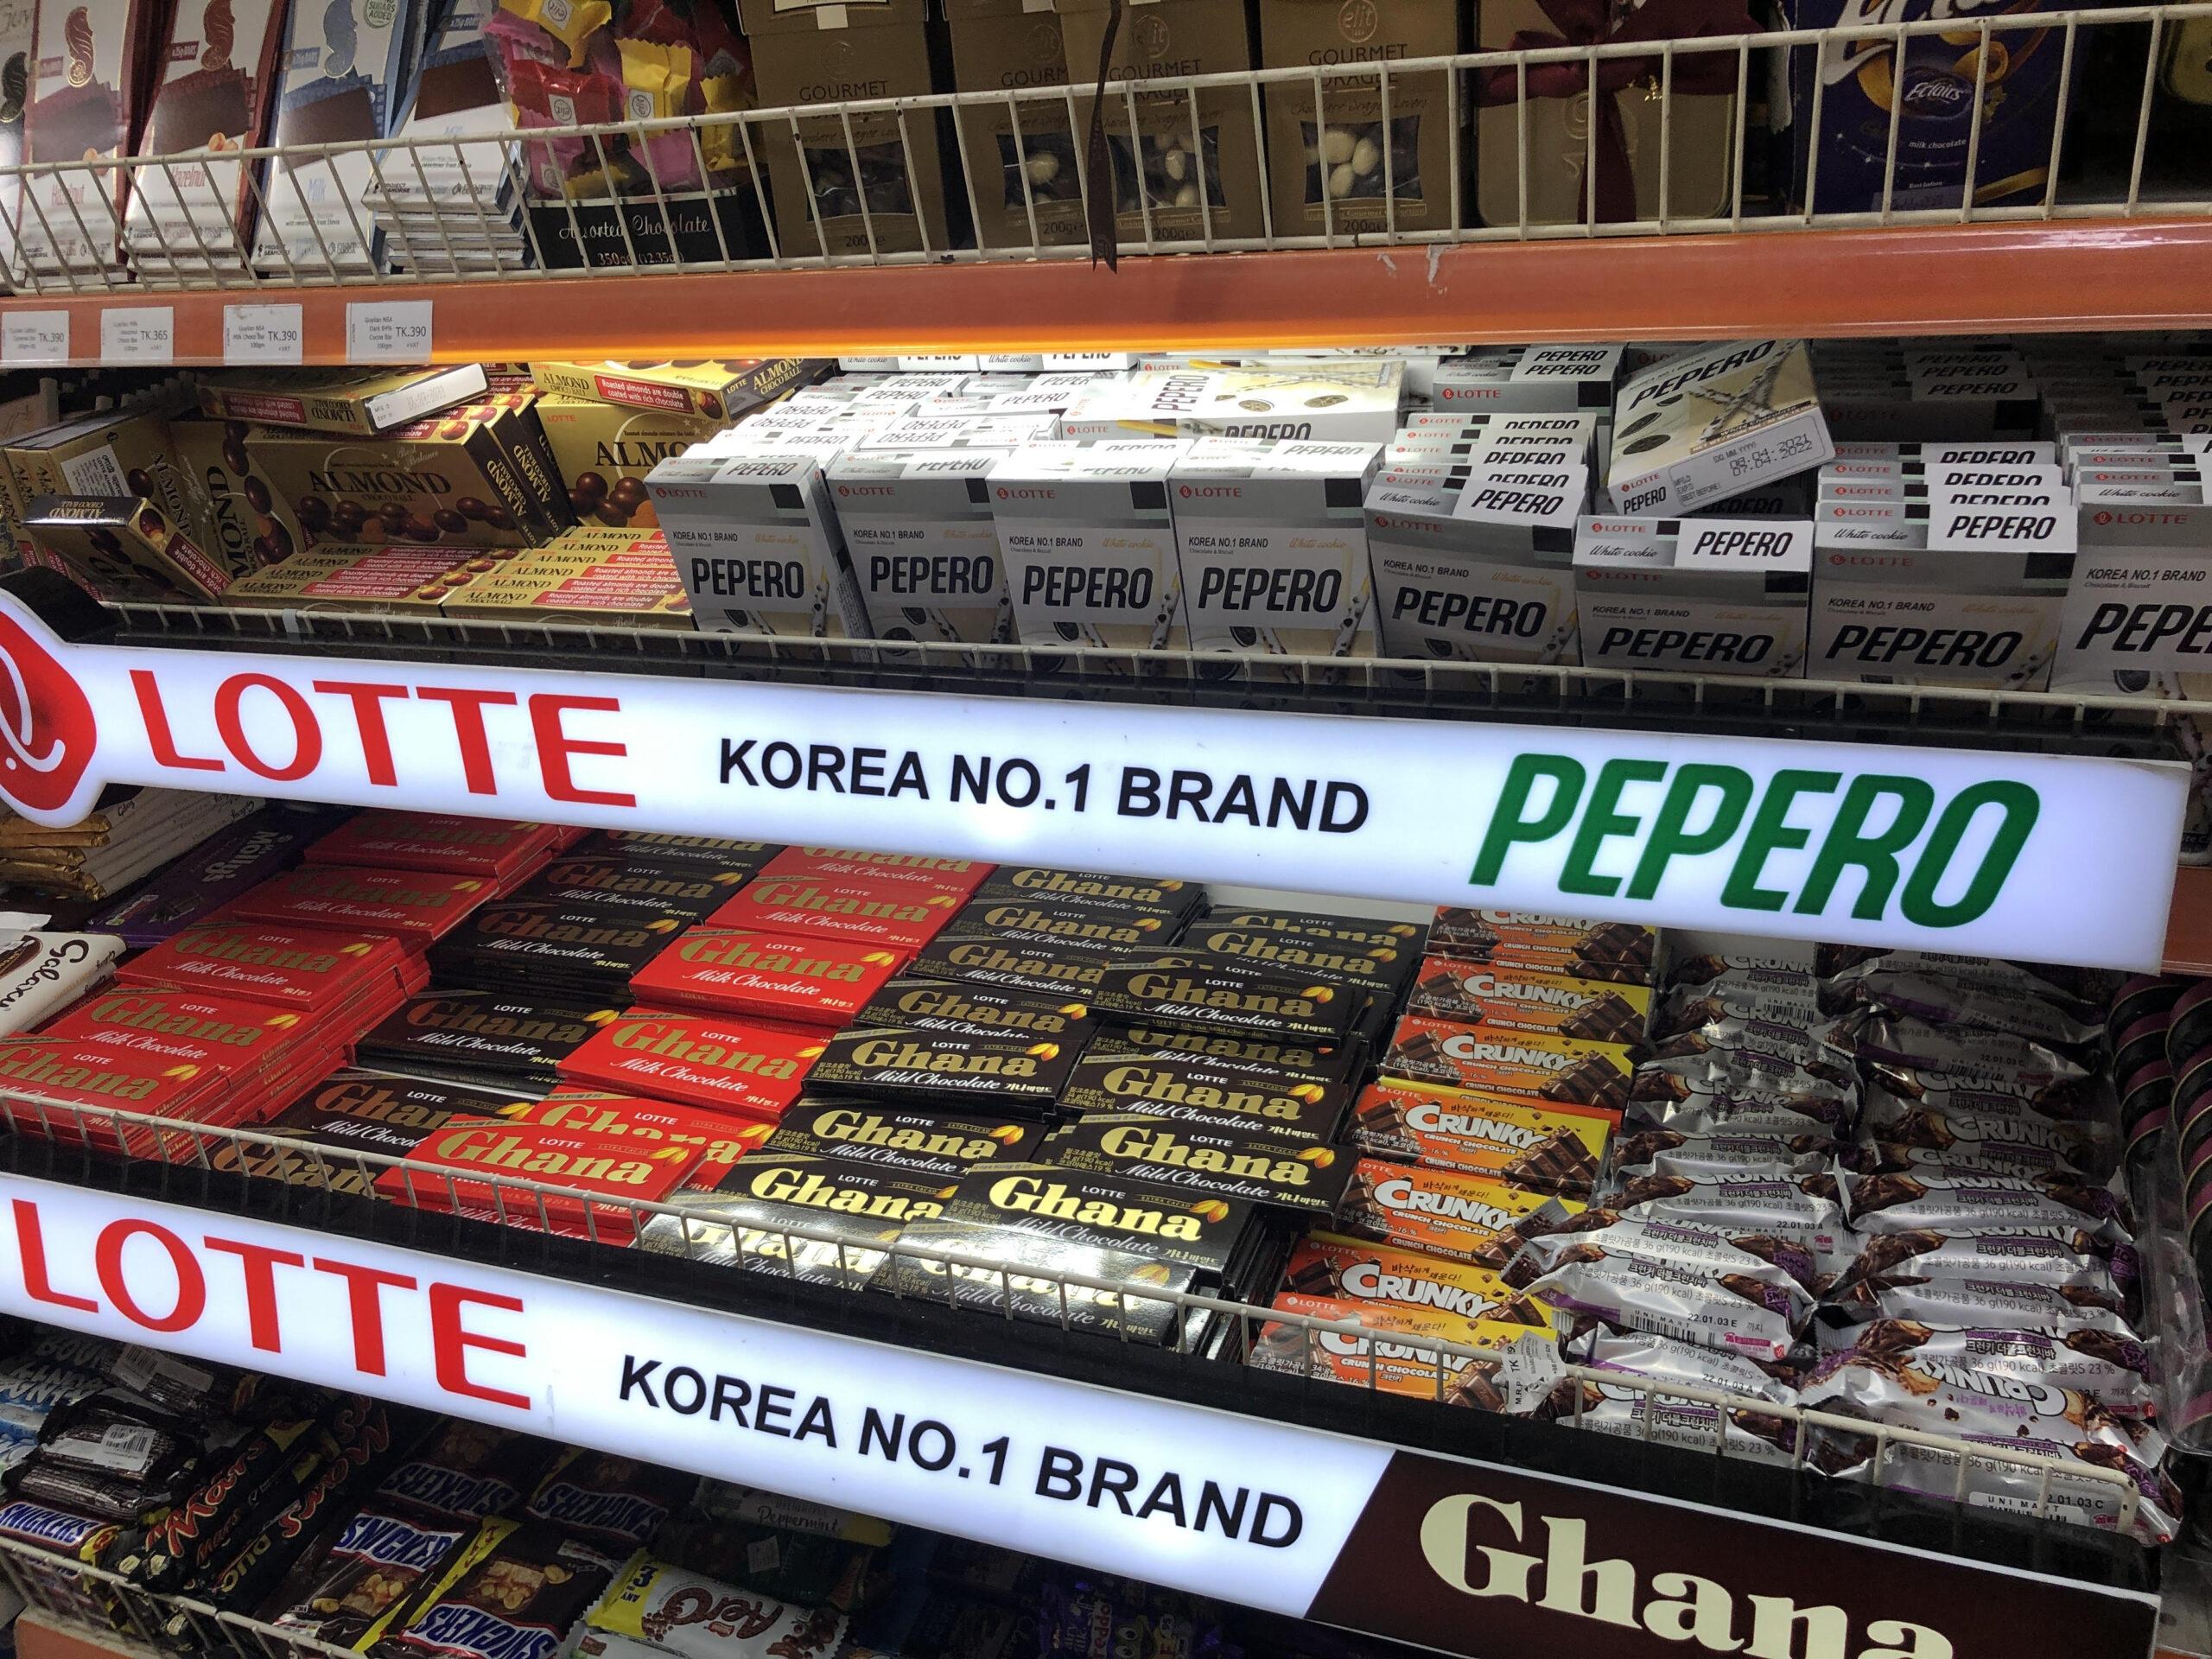 「バングラデシュでロッテのお菓子がずらり」unimart(ユニマート)@ダッカ・グルシャン